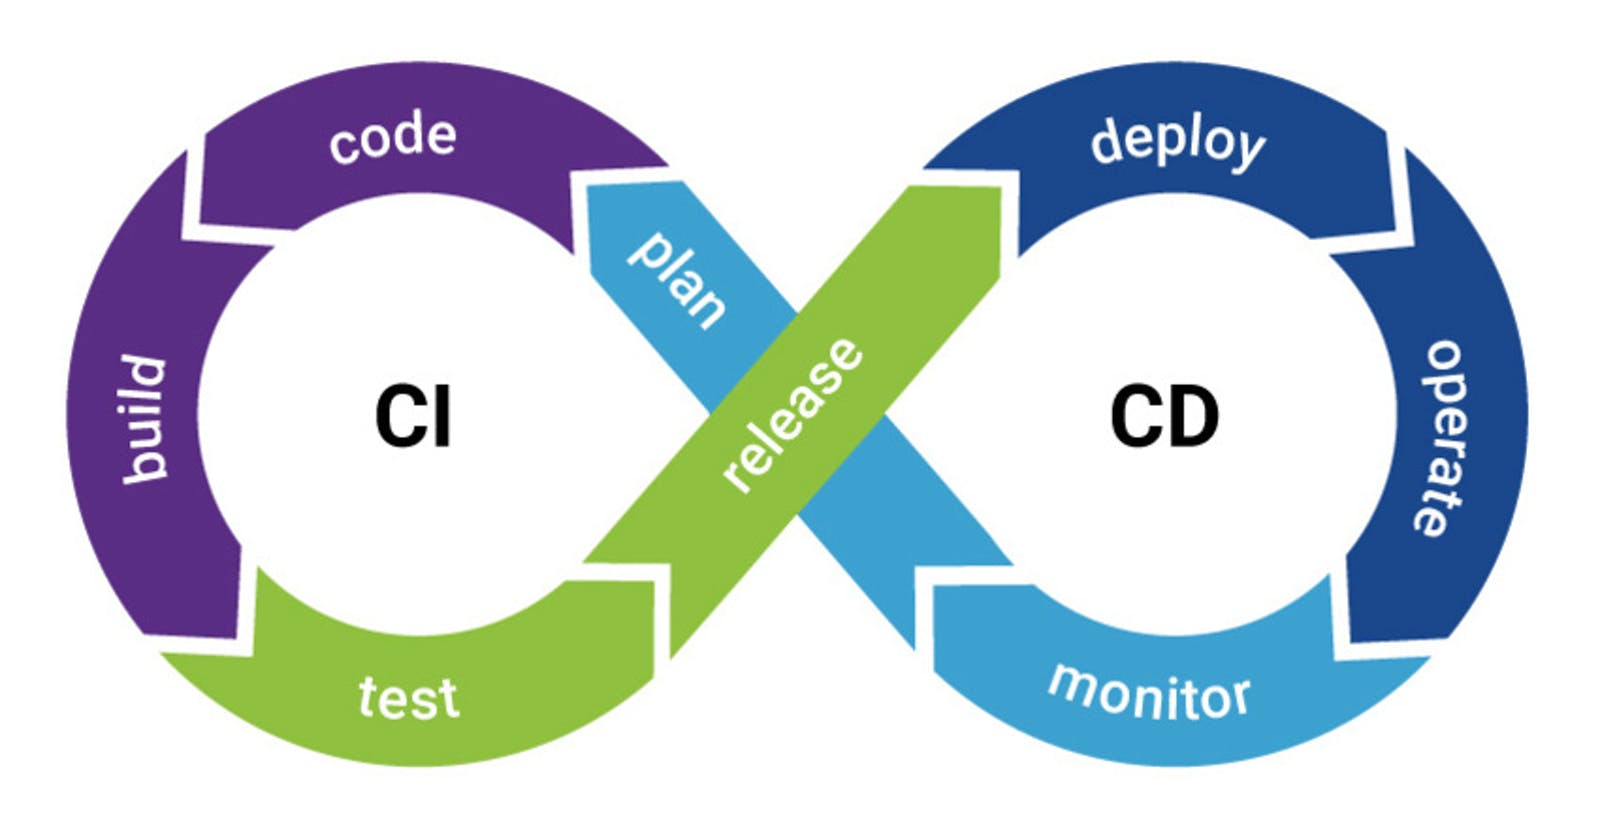 Release Management through SFDX in Salesforce